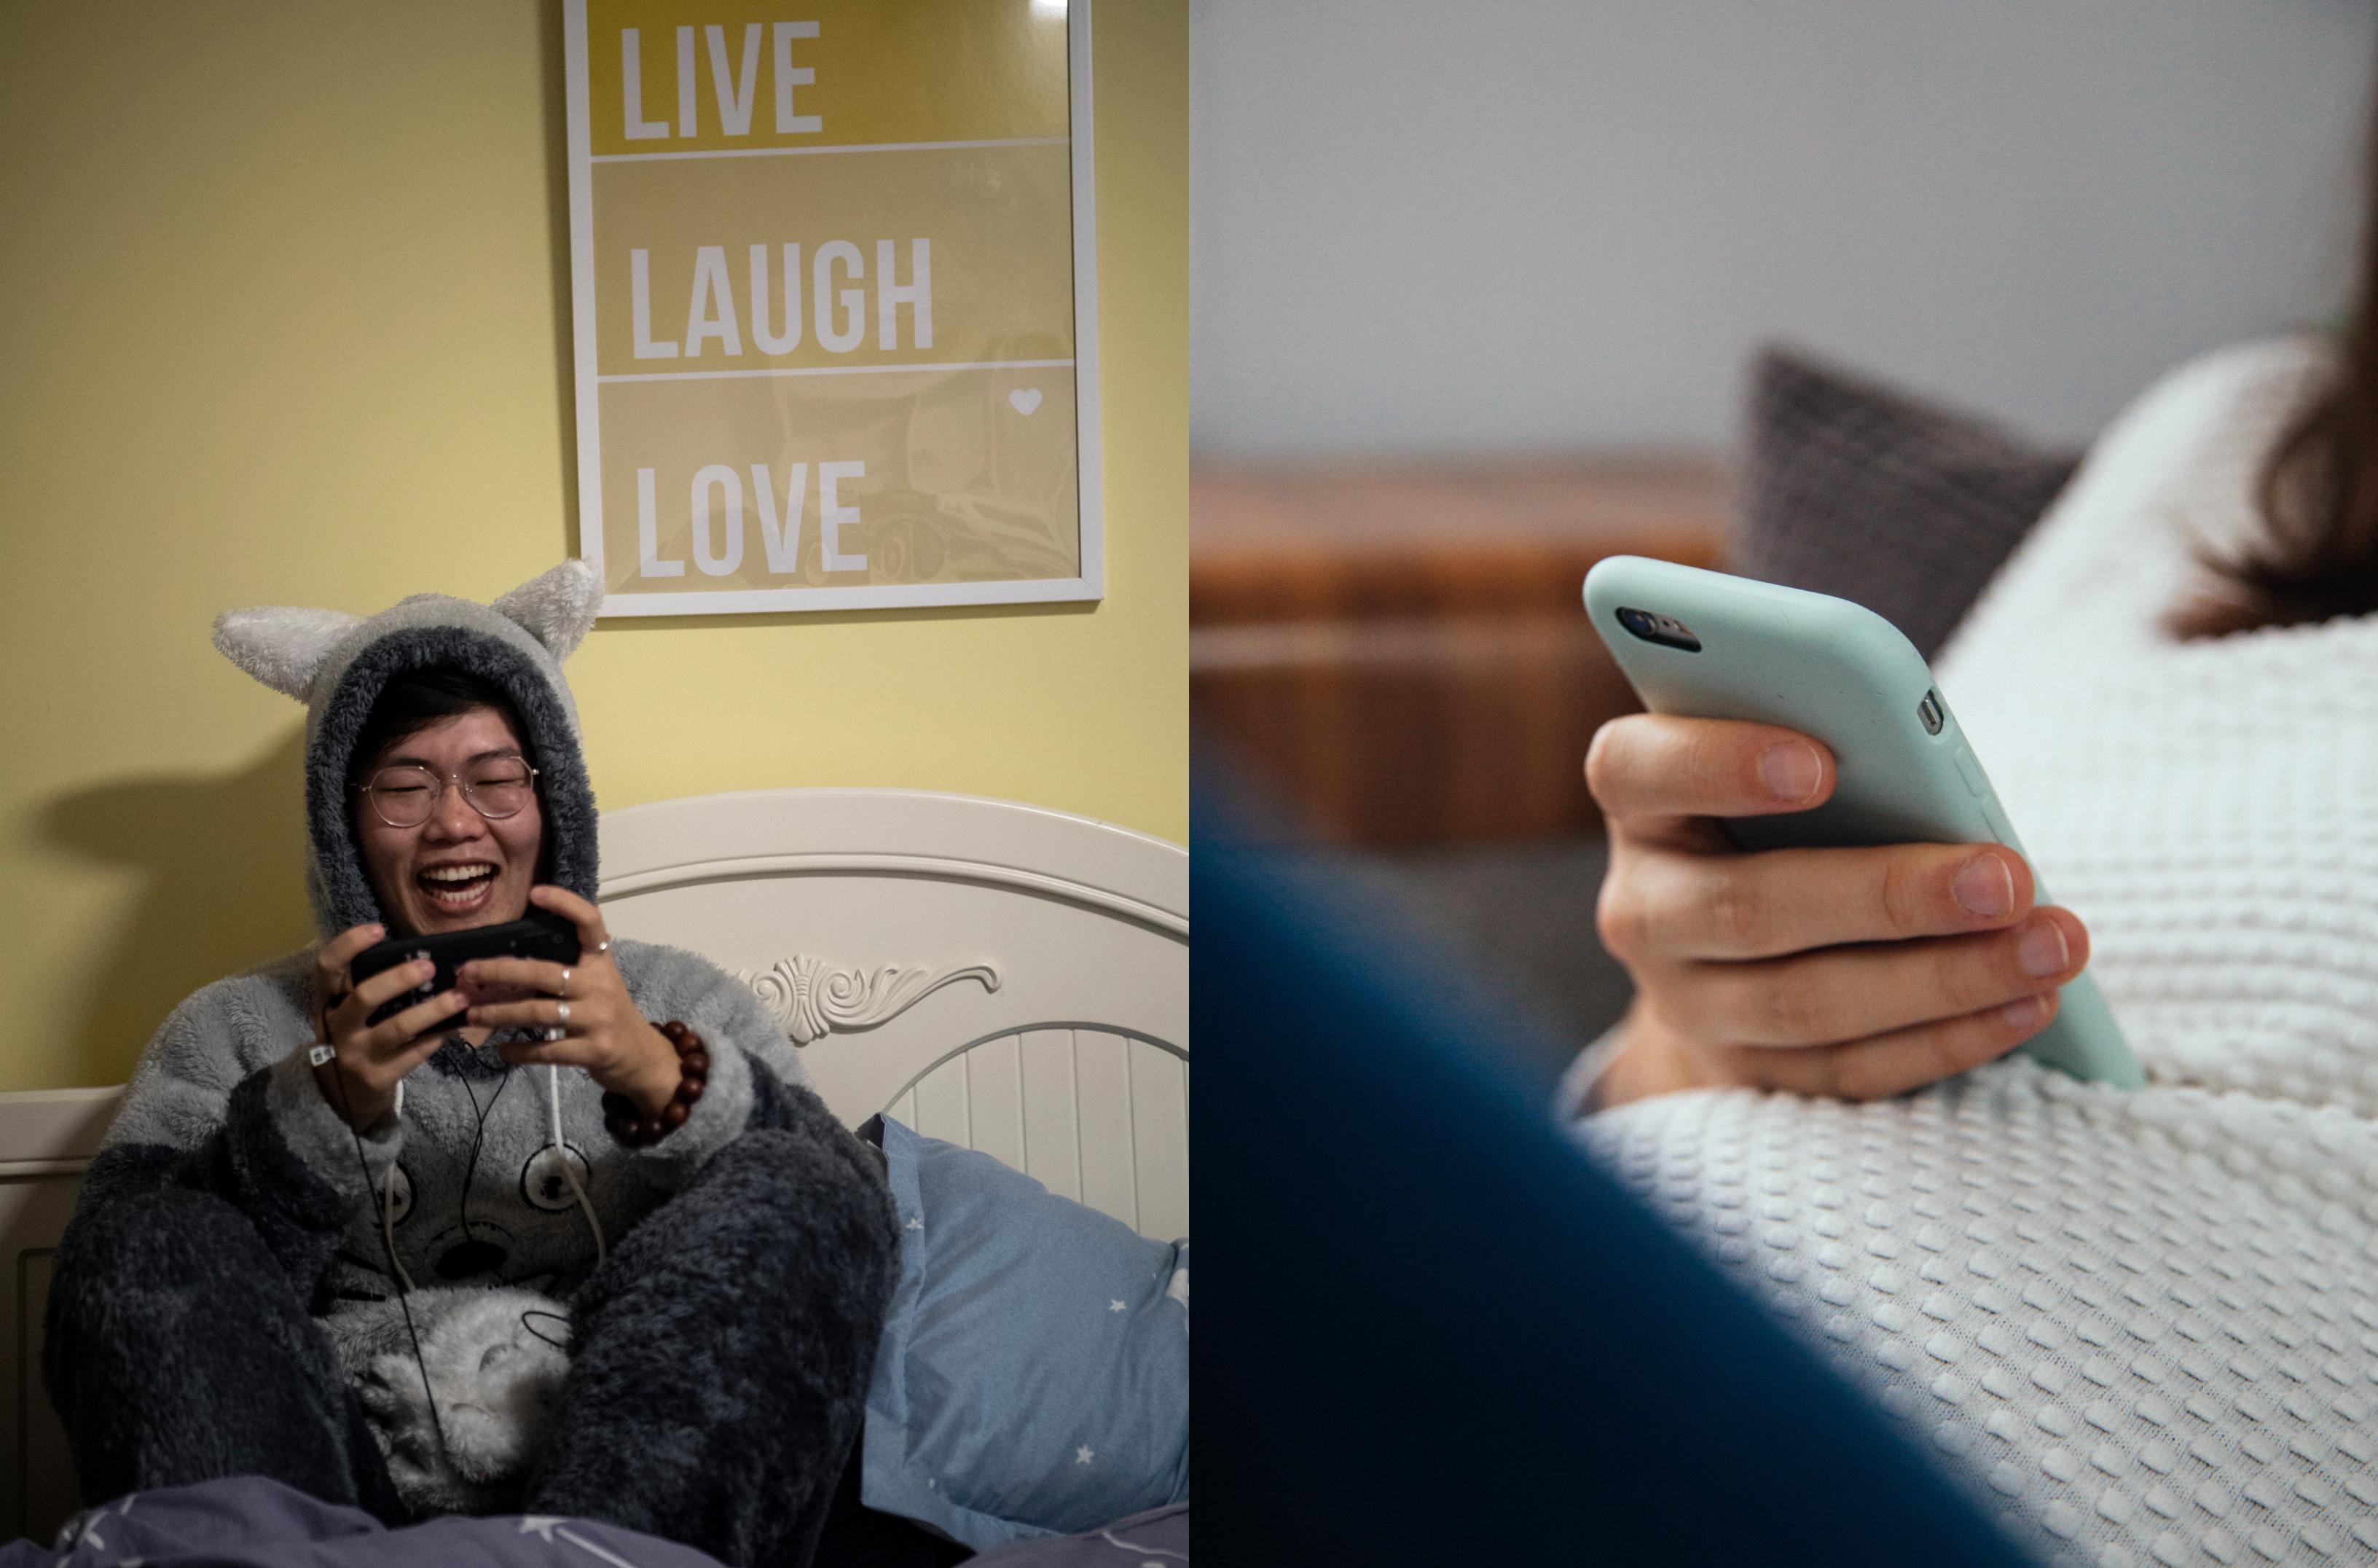 Site ul gratuit de teen dating care nu plate te fara inregistrare